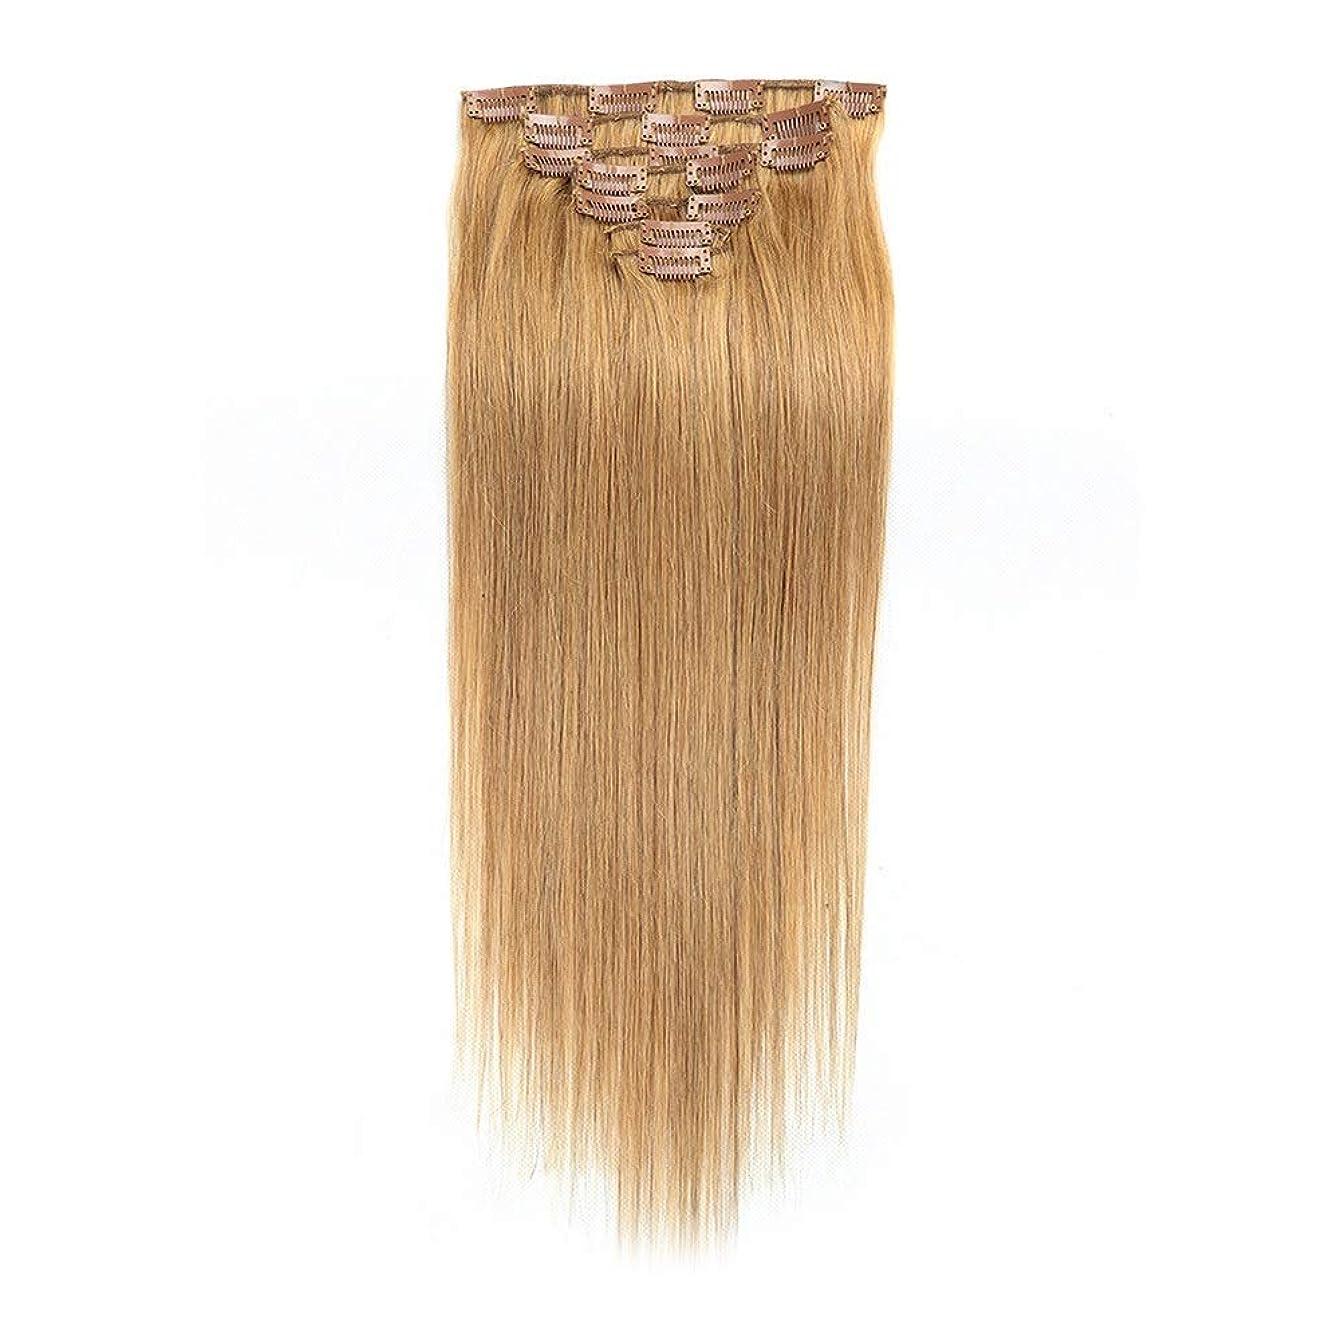 津波爆発するコースHOHYLLYA ヘアエクステンション人間の髪の毛の色#27ブロンド22インチストレートヘアロールプレイングかつら女性のかつら (色 : #27 blonde)